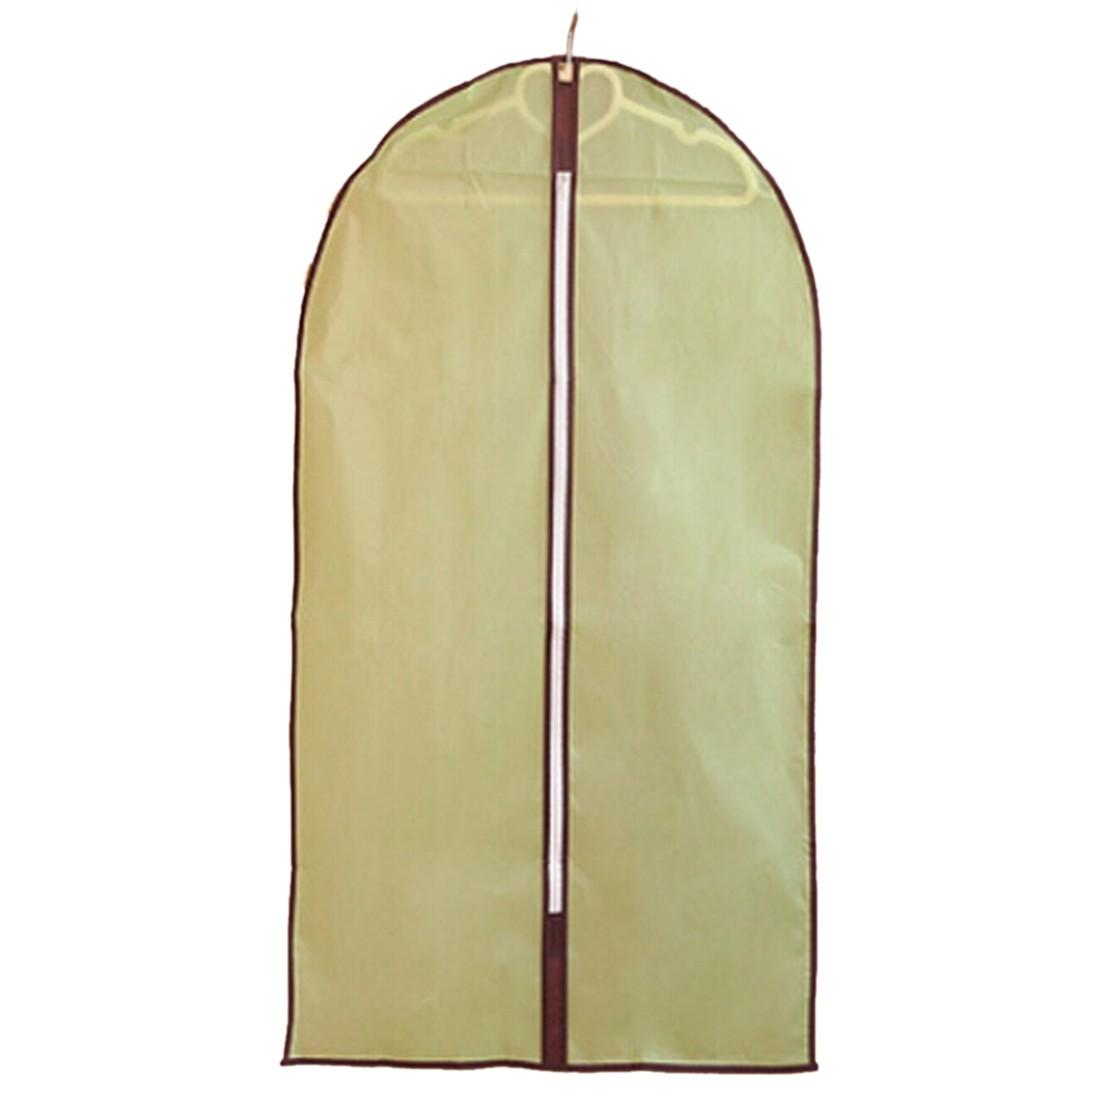 garment cover storage hanging bag dustproof breathable dress suit coat clothes ebay. Black Bedroom Furniture Sets. Home Design Ideas